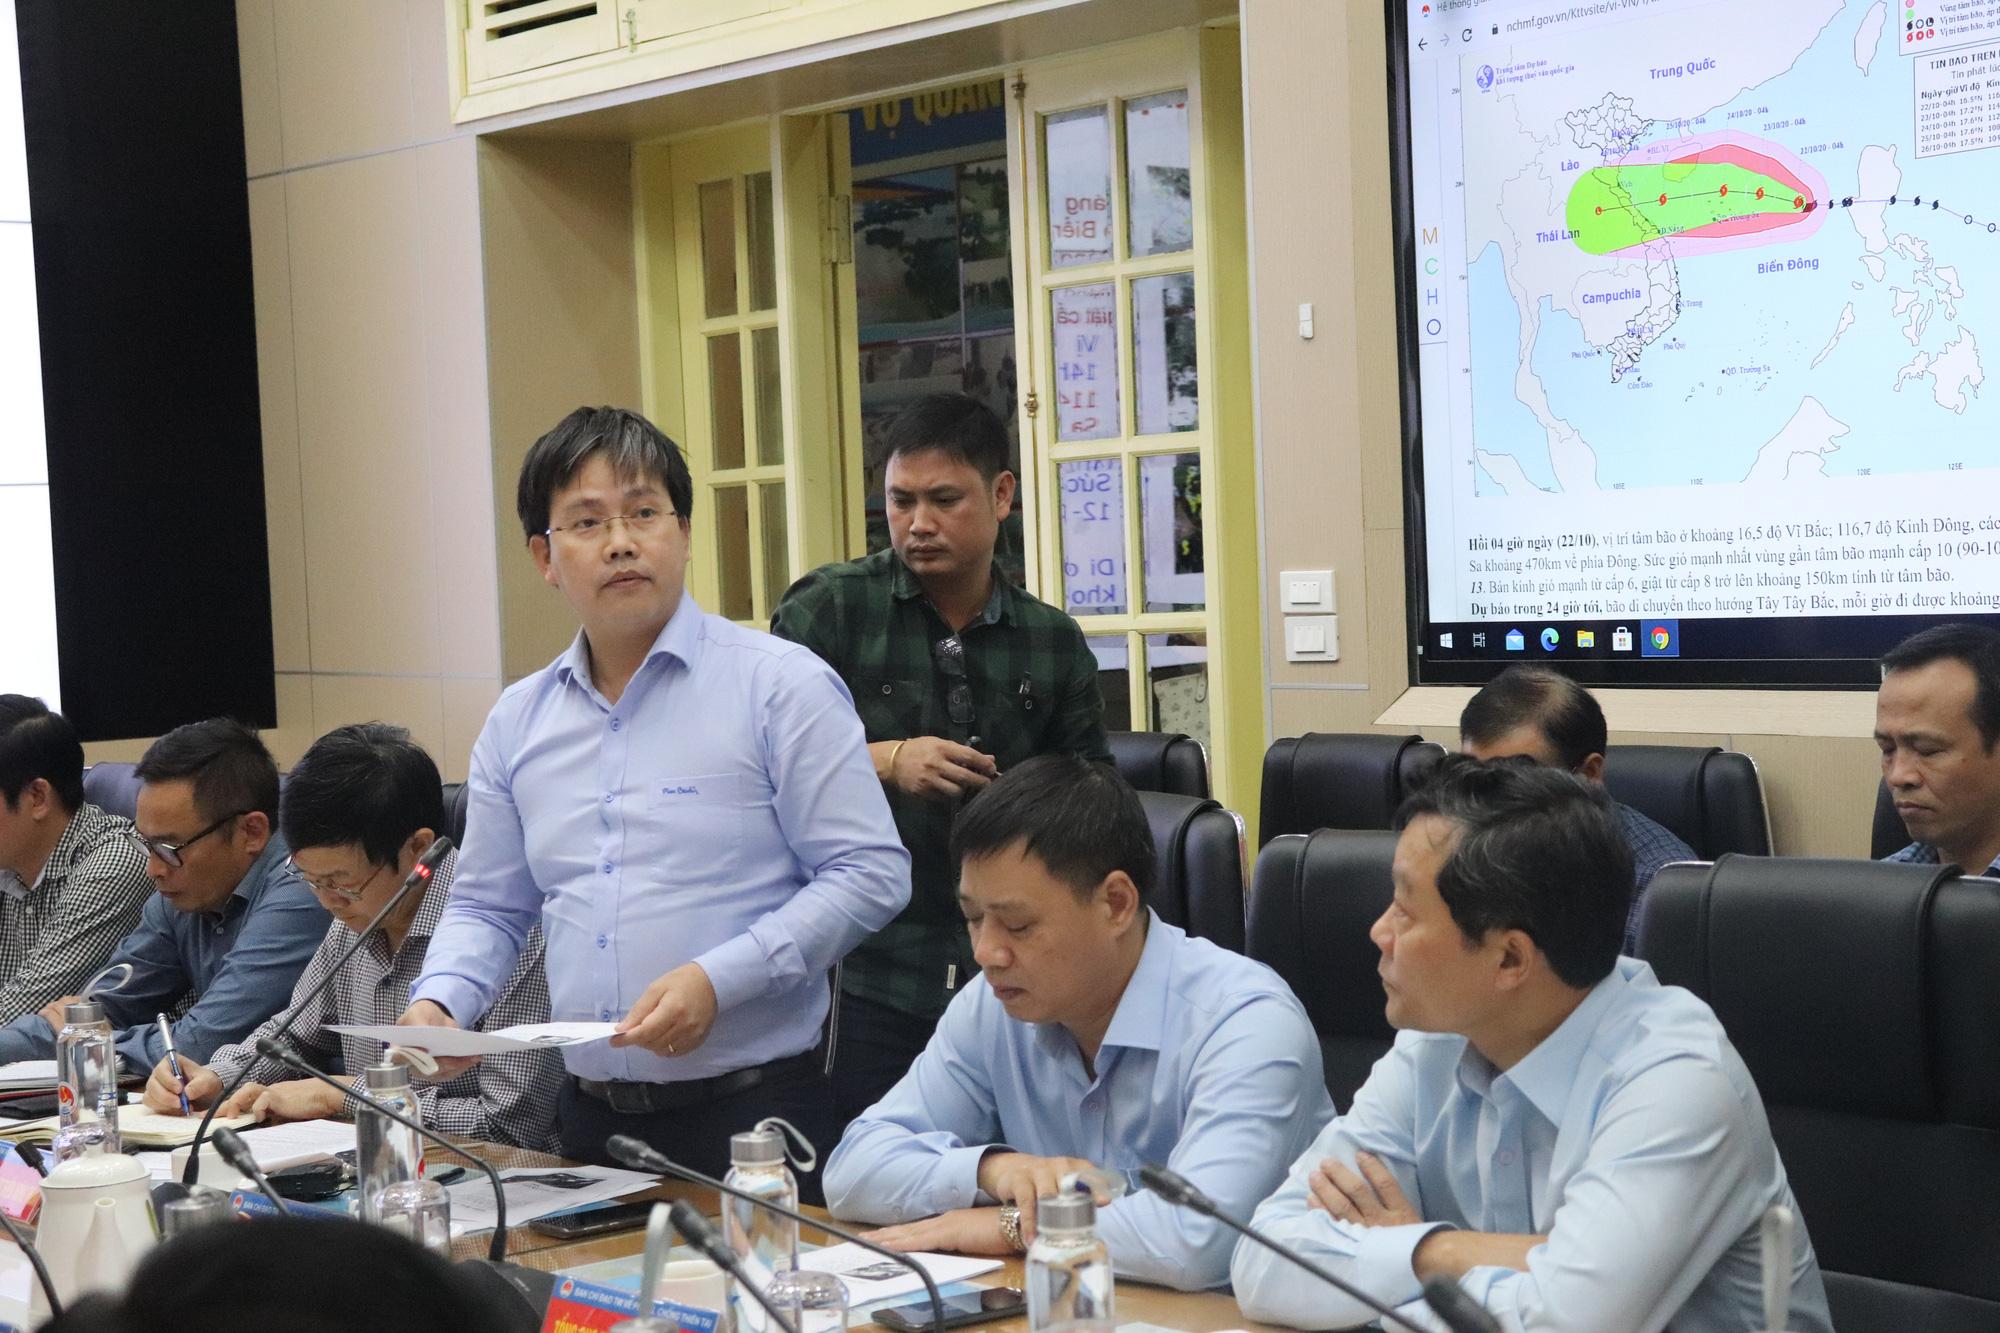 Chưa từng có: Một tháng đón 5 cơn bão, áp thấp, Hà Tĩnh, Thừa Thiên - Huế nguy cơ mưa lớn do bão số 8 - Ảnh 2.